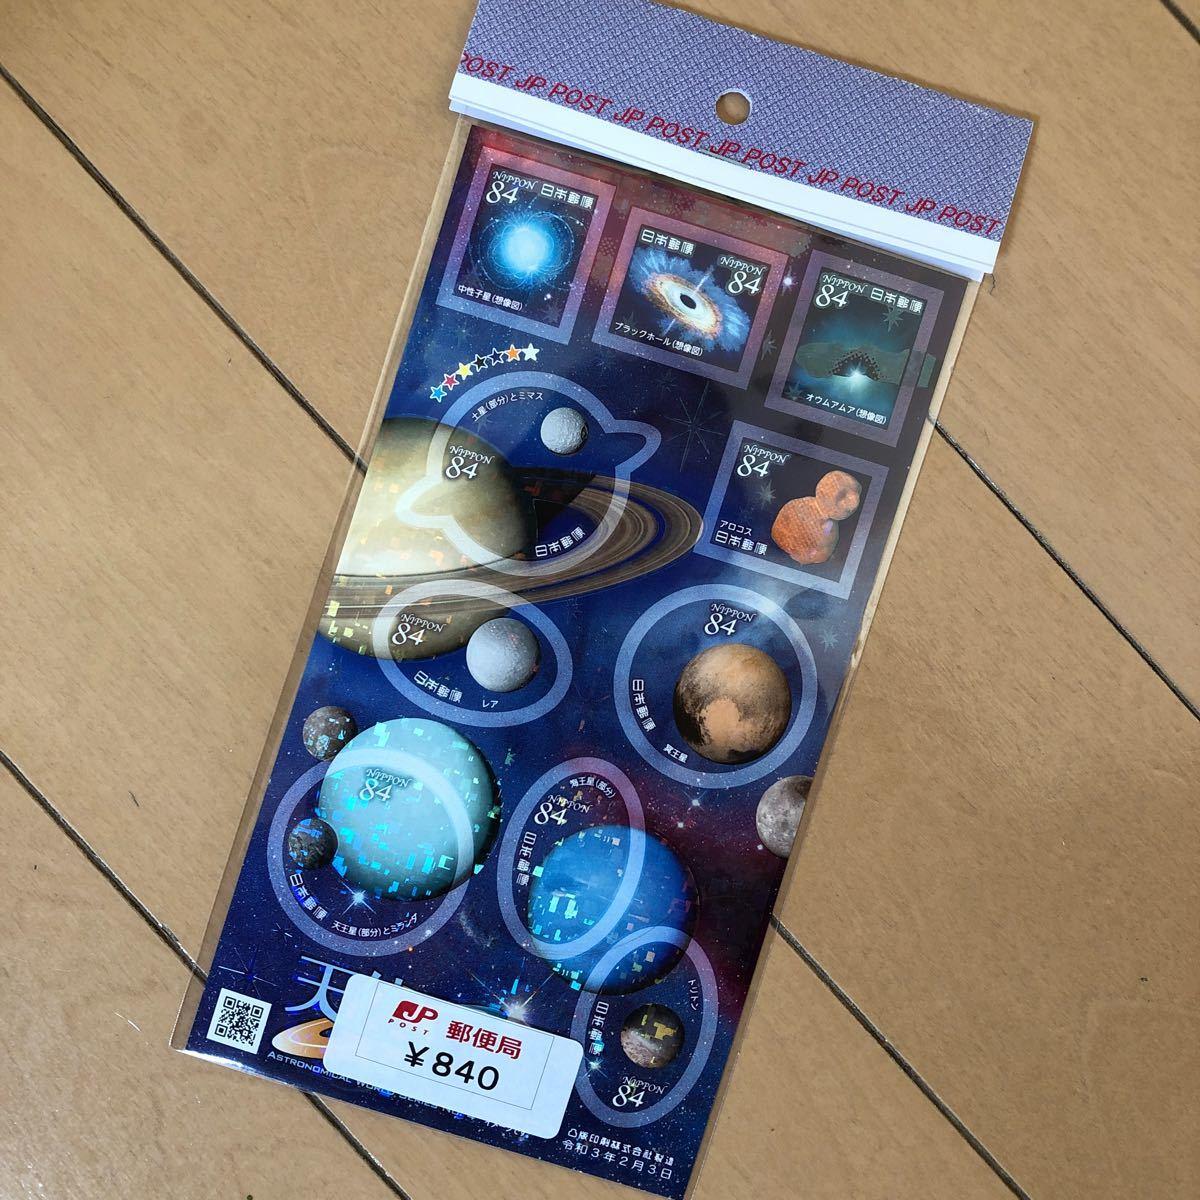 シール切手 天体シリーズ 84円 額面840円